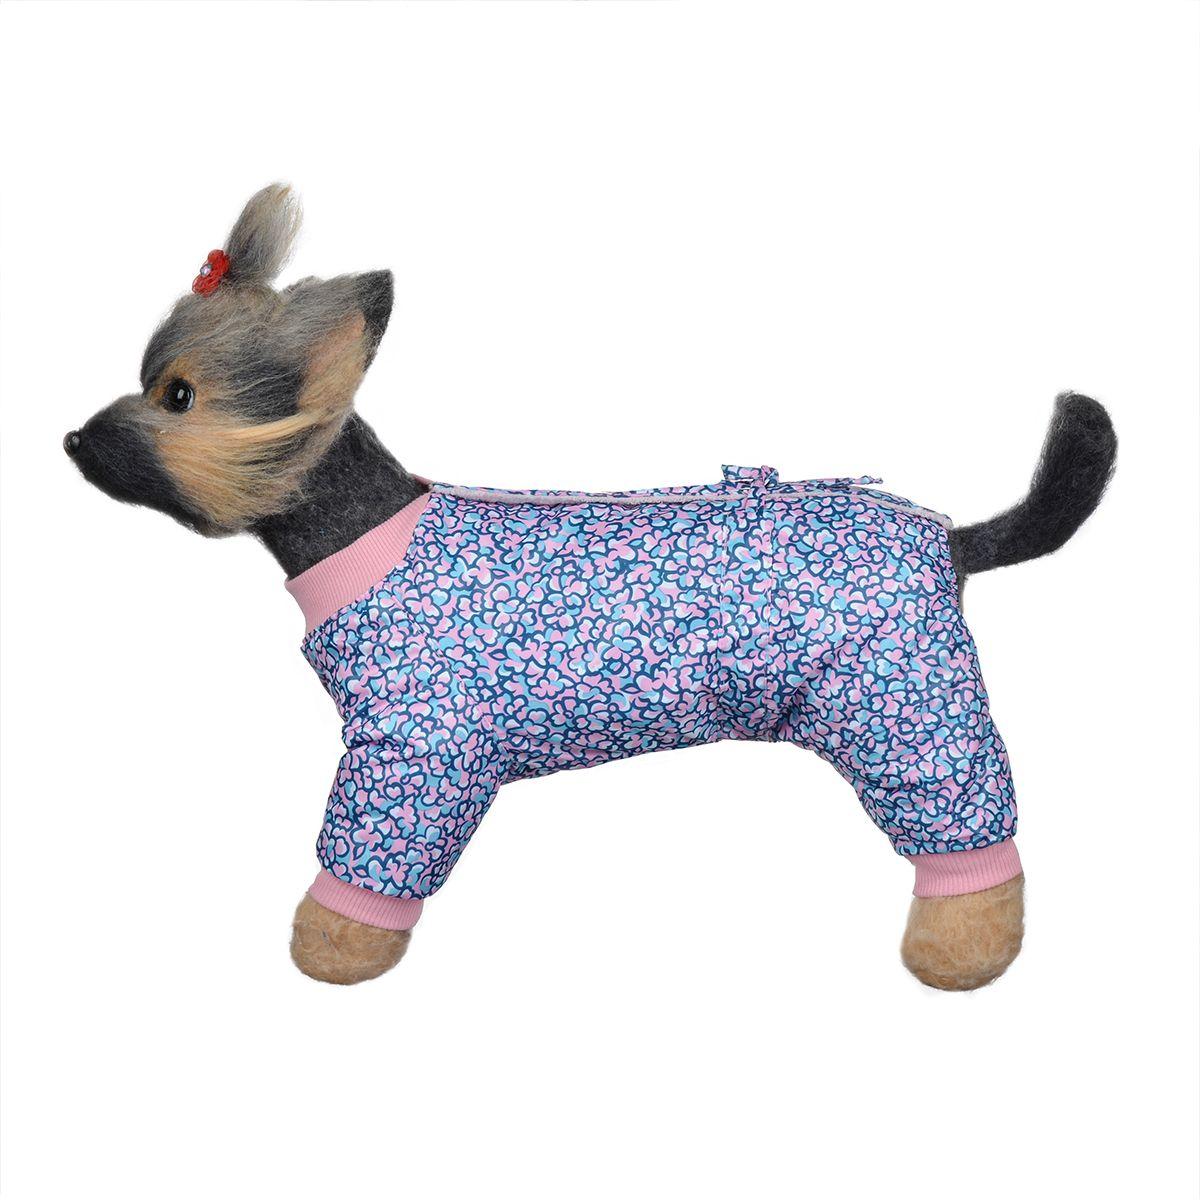 Комбинезон для собак Dogmoda  Лаки , зимний, для девочки, цвет: розовый, синий. Размер 4 (XL) - Одежда, обувь, украшения